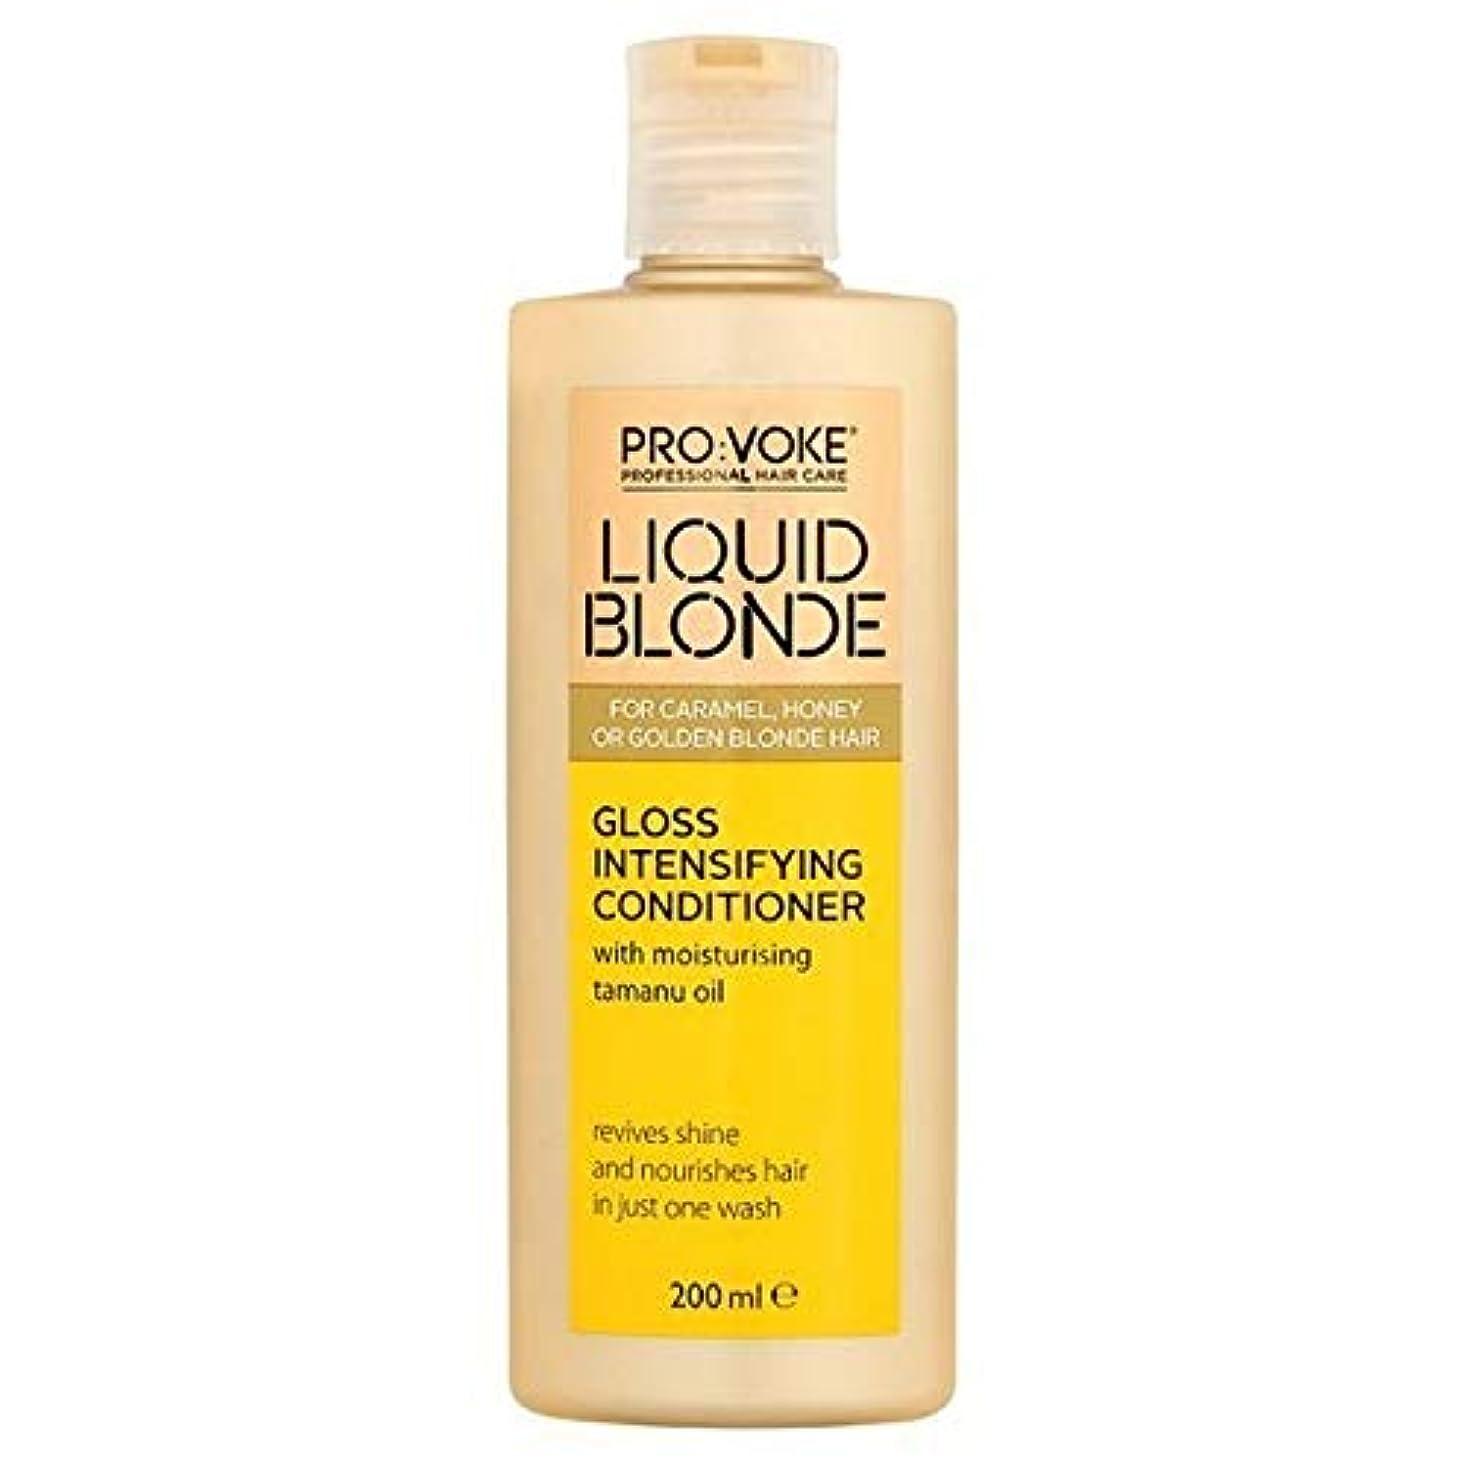 トリクルカビ有害な[Pro:Voke] プロ:Voke液体ブロンド強烈な輝きコンディショナー - PRO:VOKE Liquid Blonde Intense Shine Conditioner [並行輸入品]